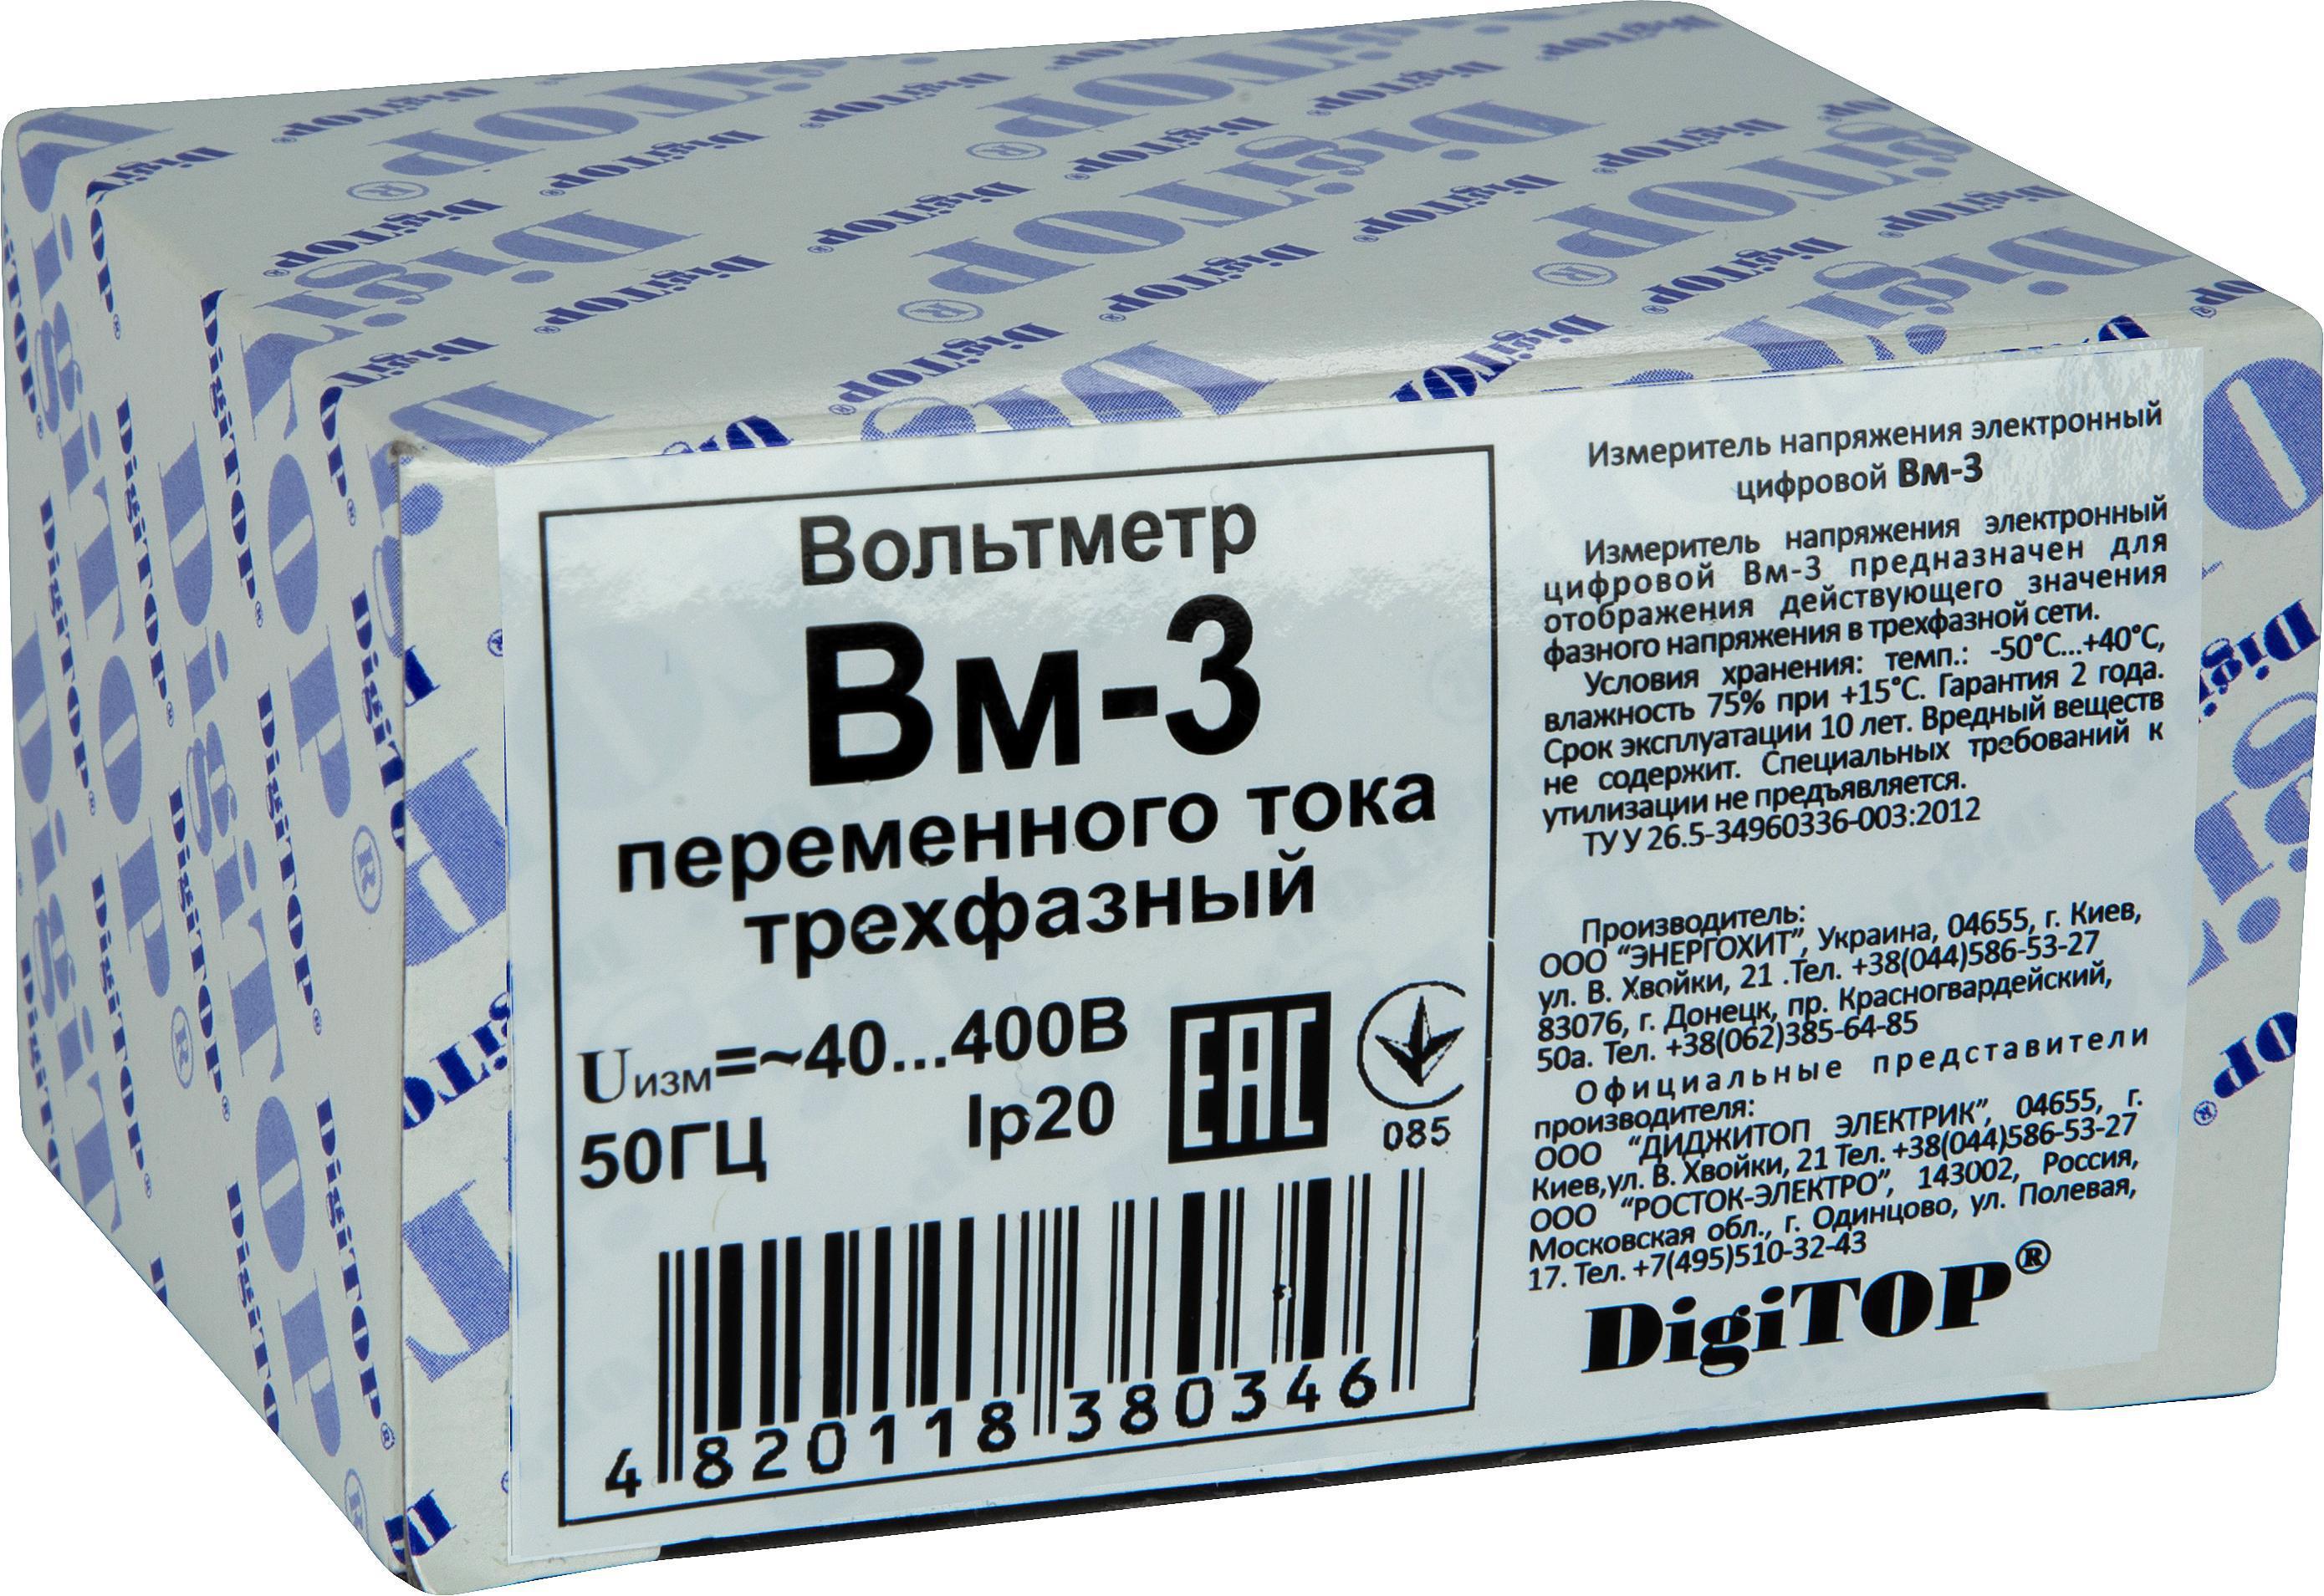 Вольтметр Digitop Вм-3 green